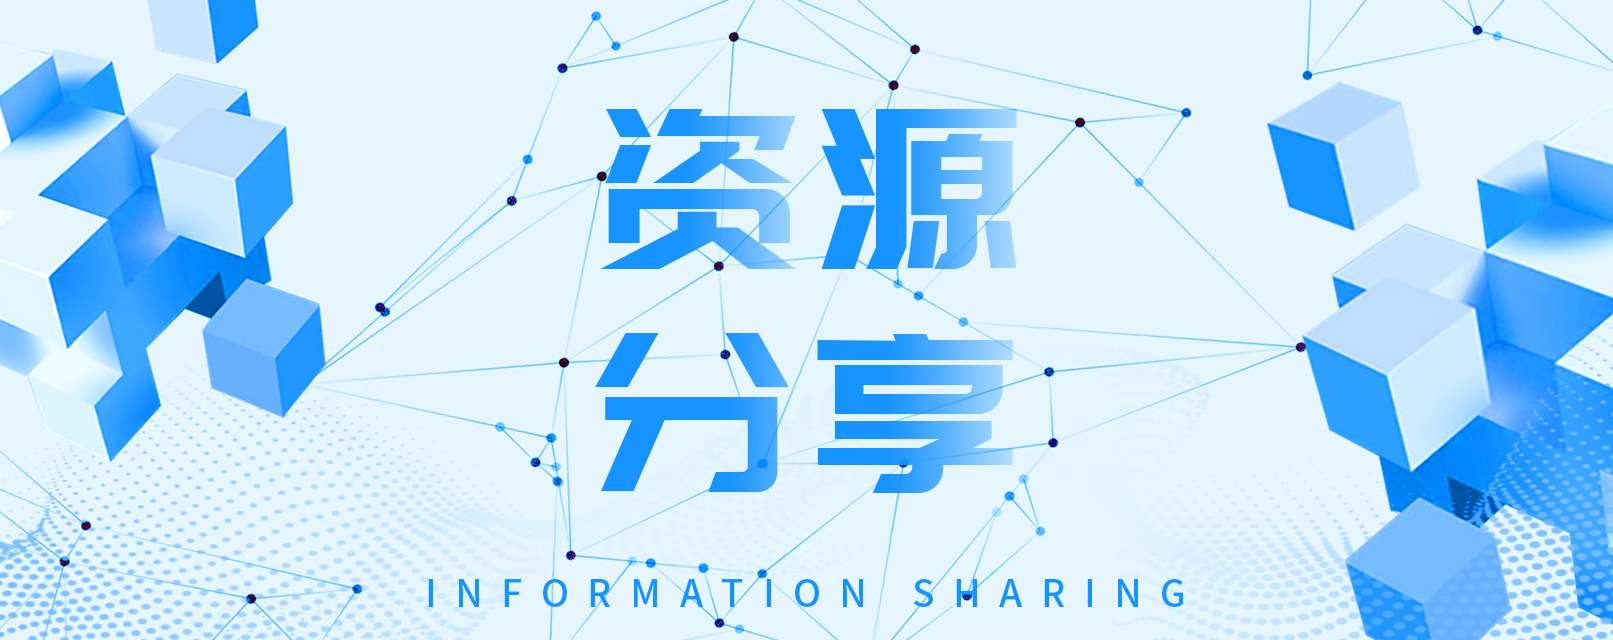 【资源分享】零碎通用彝文输入法(西部地区小伙伴的福利)